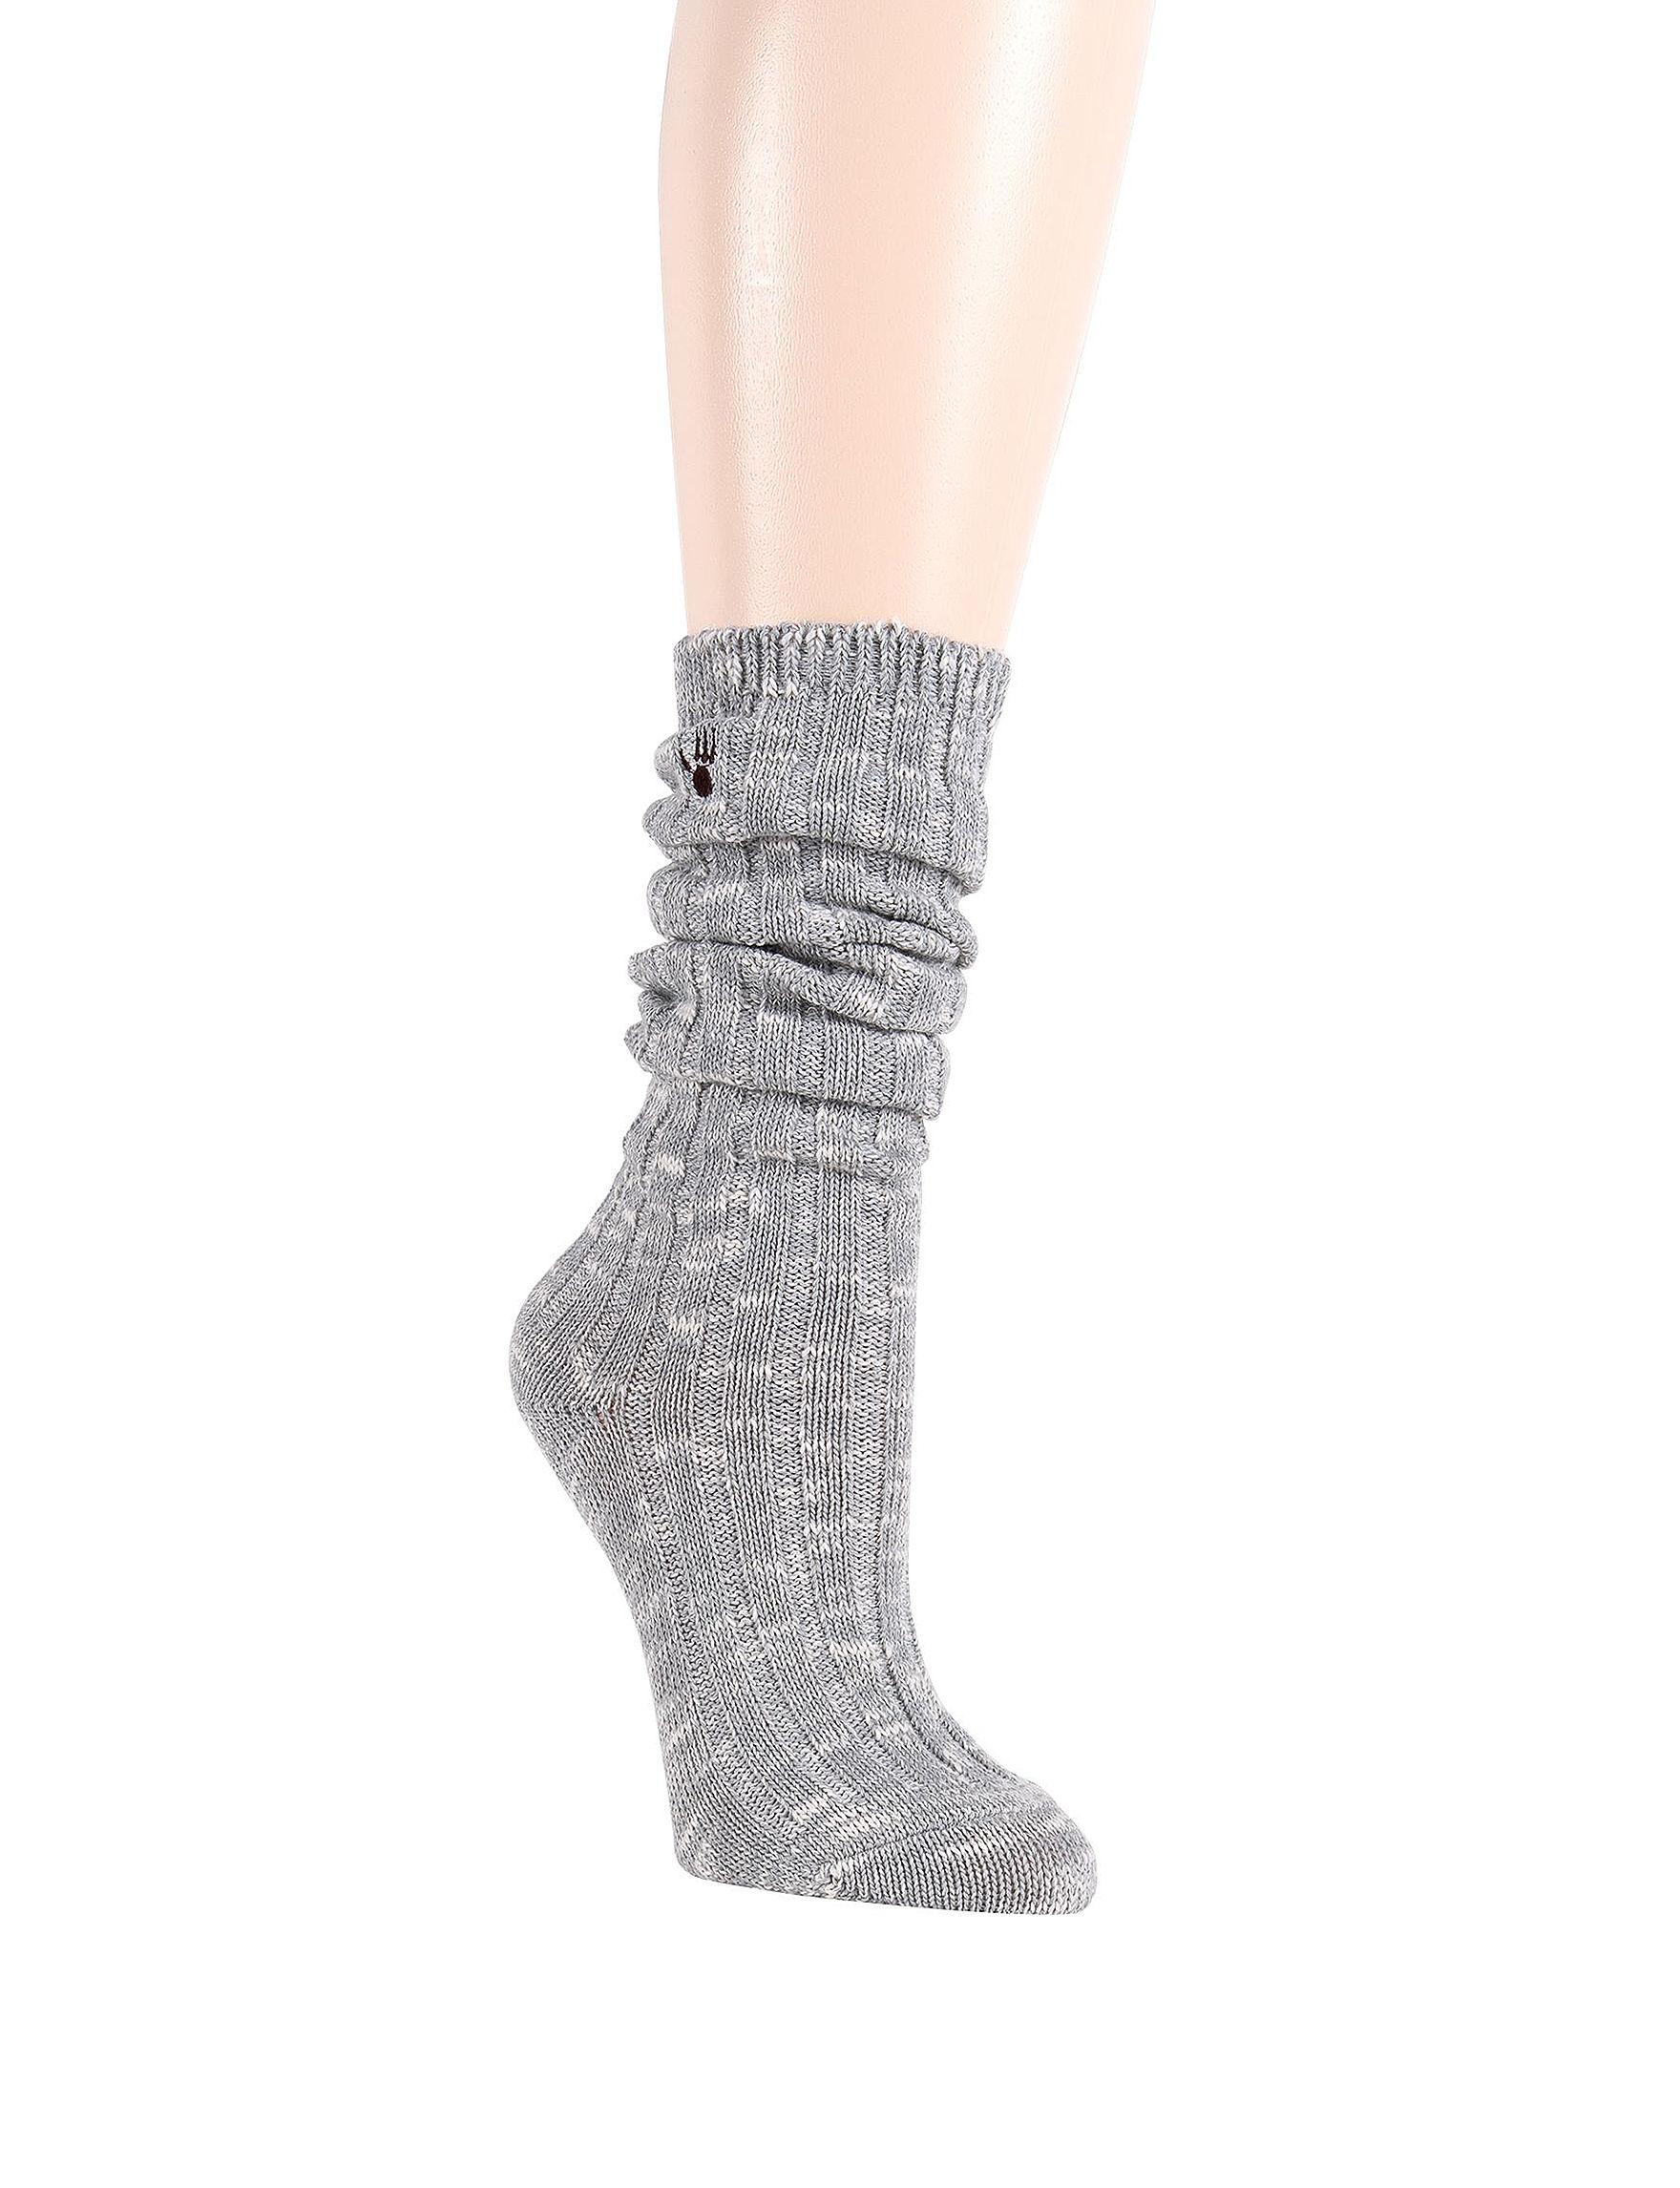 Bearpaw Grey Socks